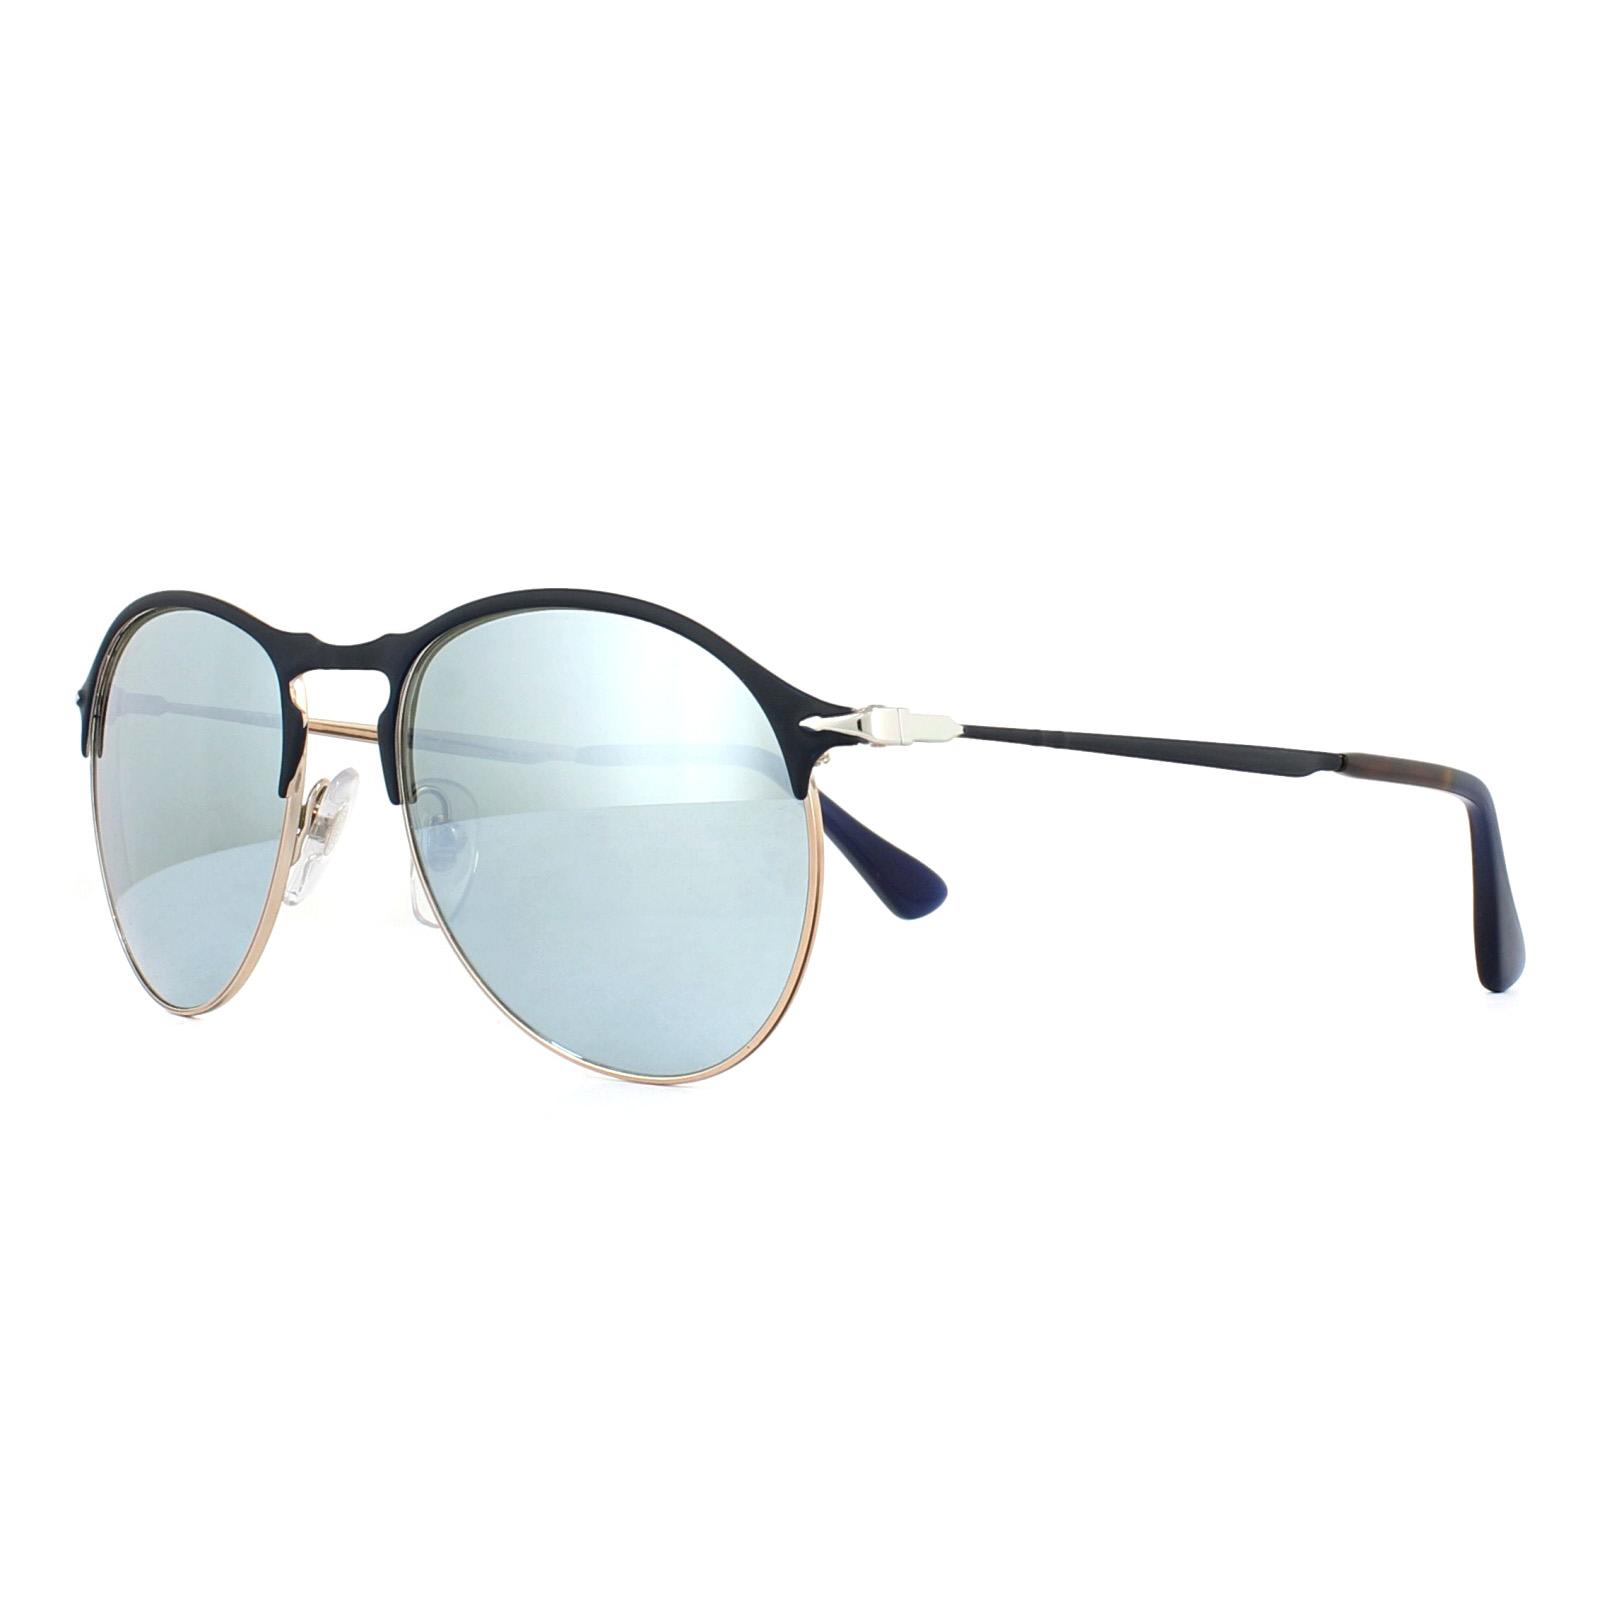 Persol Gafas de sol 7649s 107330 Azul Bronce Verde claro espejo | eBay